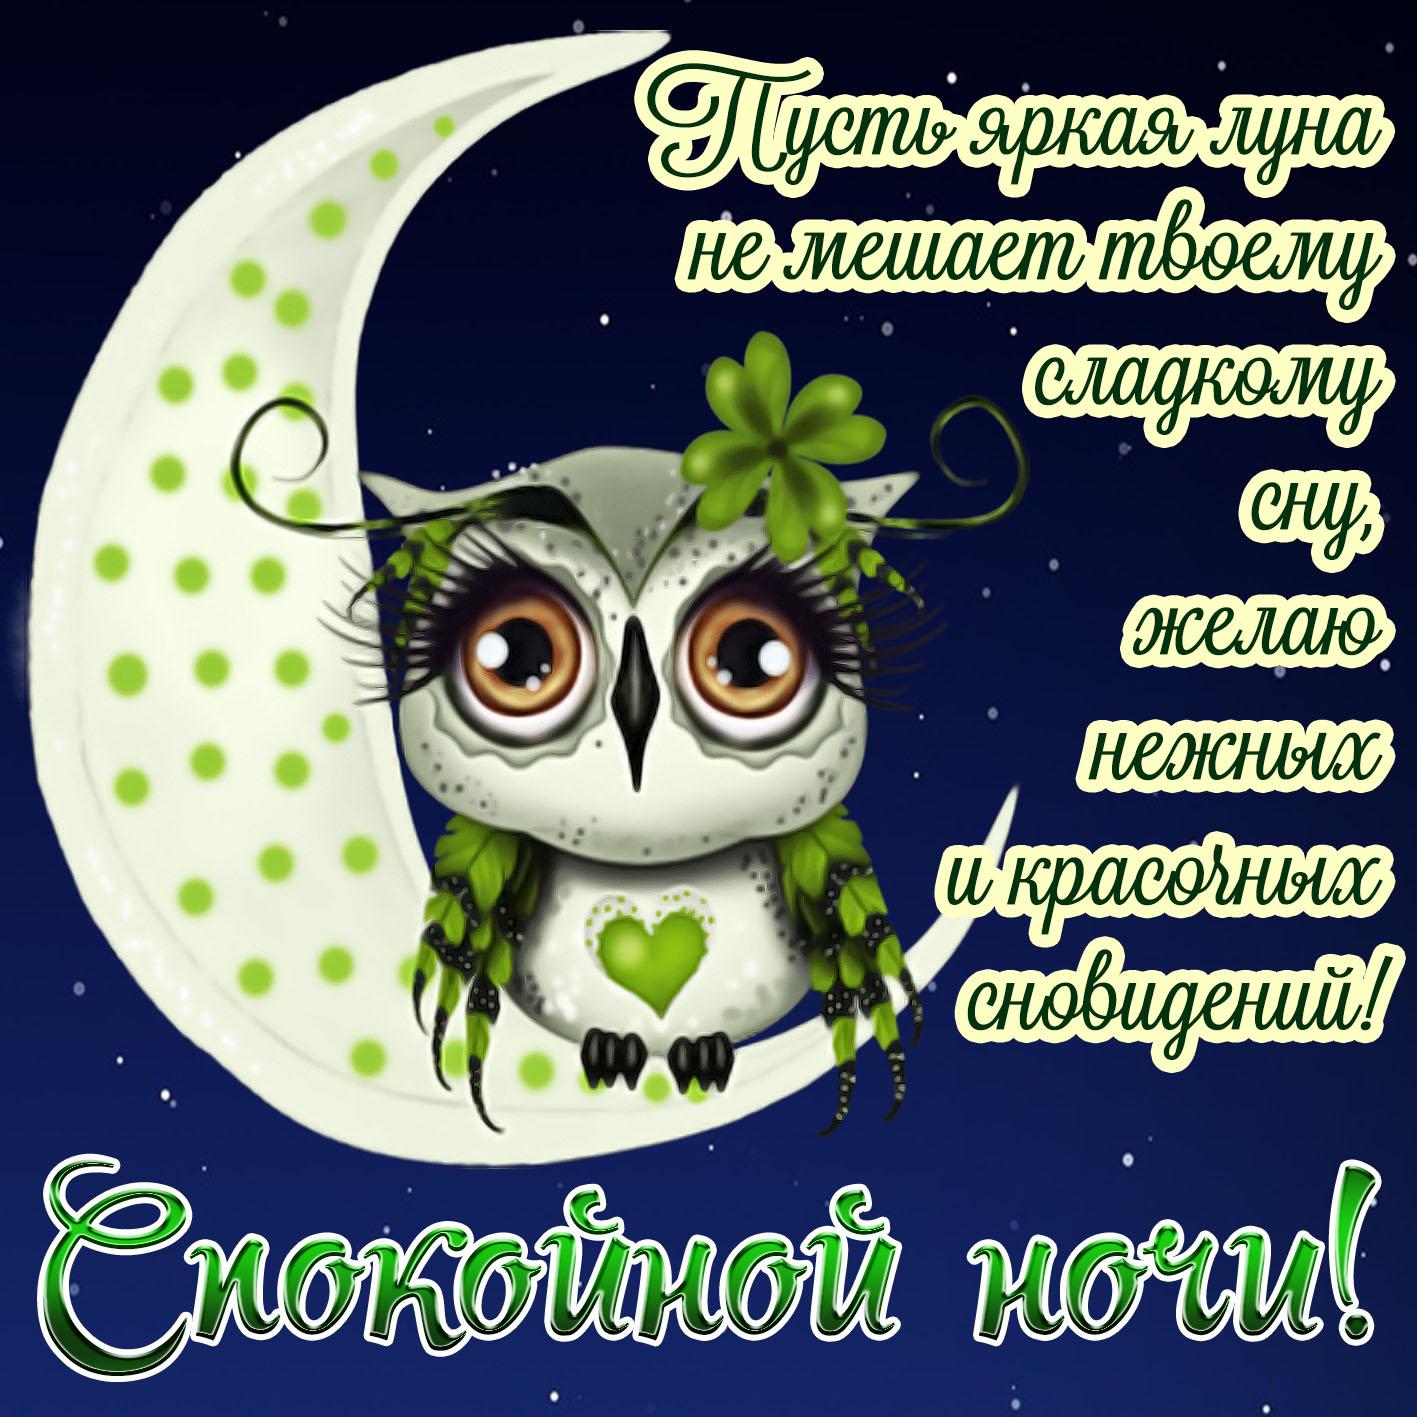 Веселые открытки с добрым вечером и спокойной ночи, фото